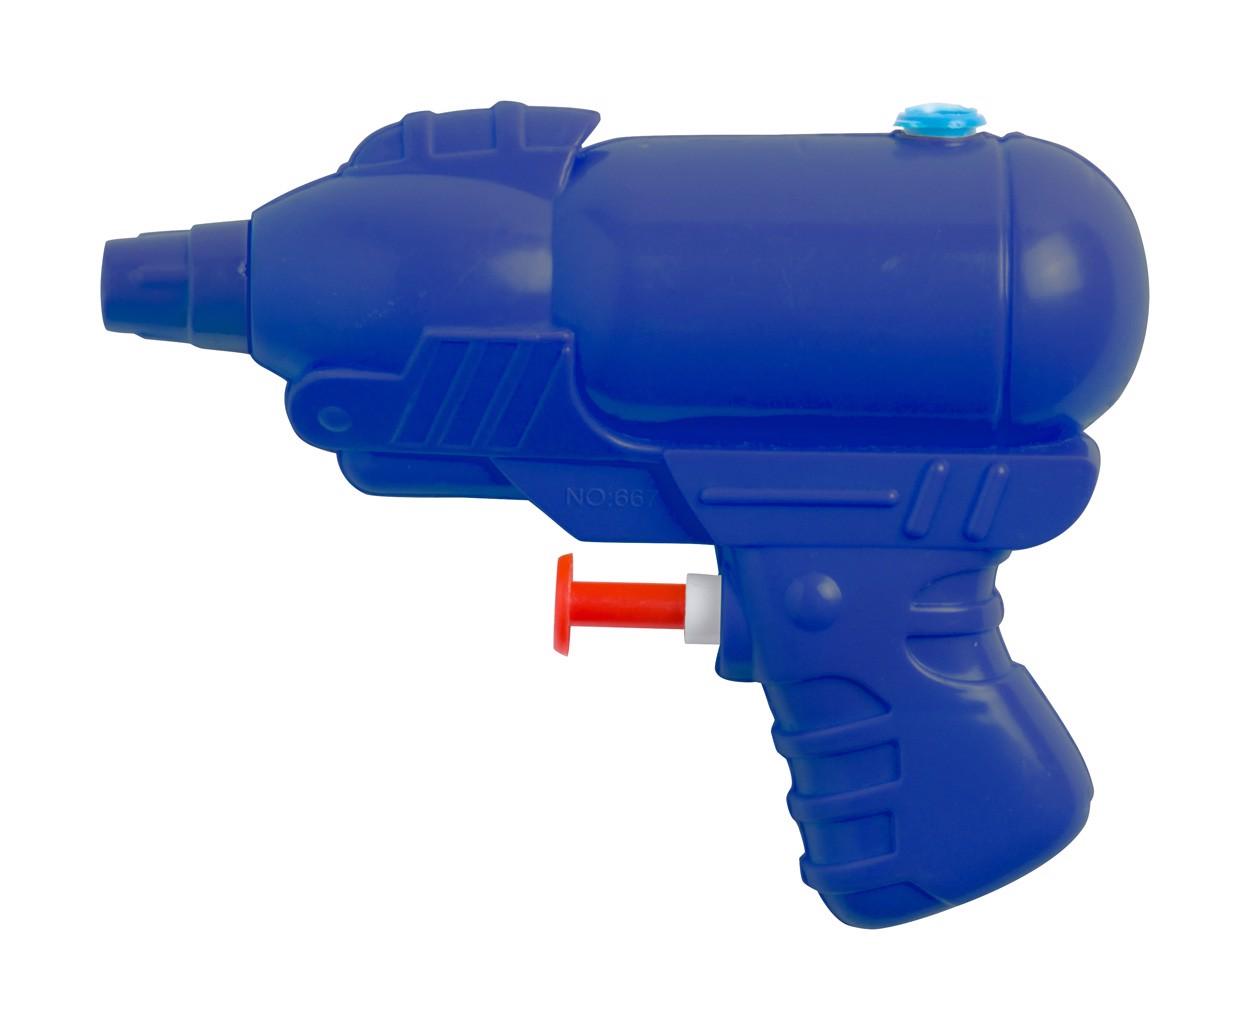 Vodní Pistolka Daira - Modrá